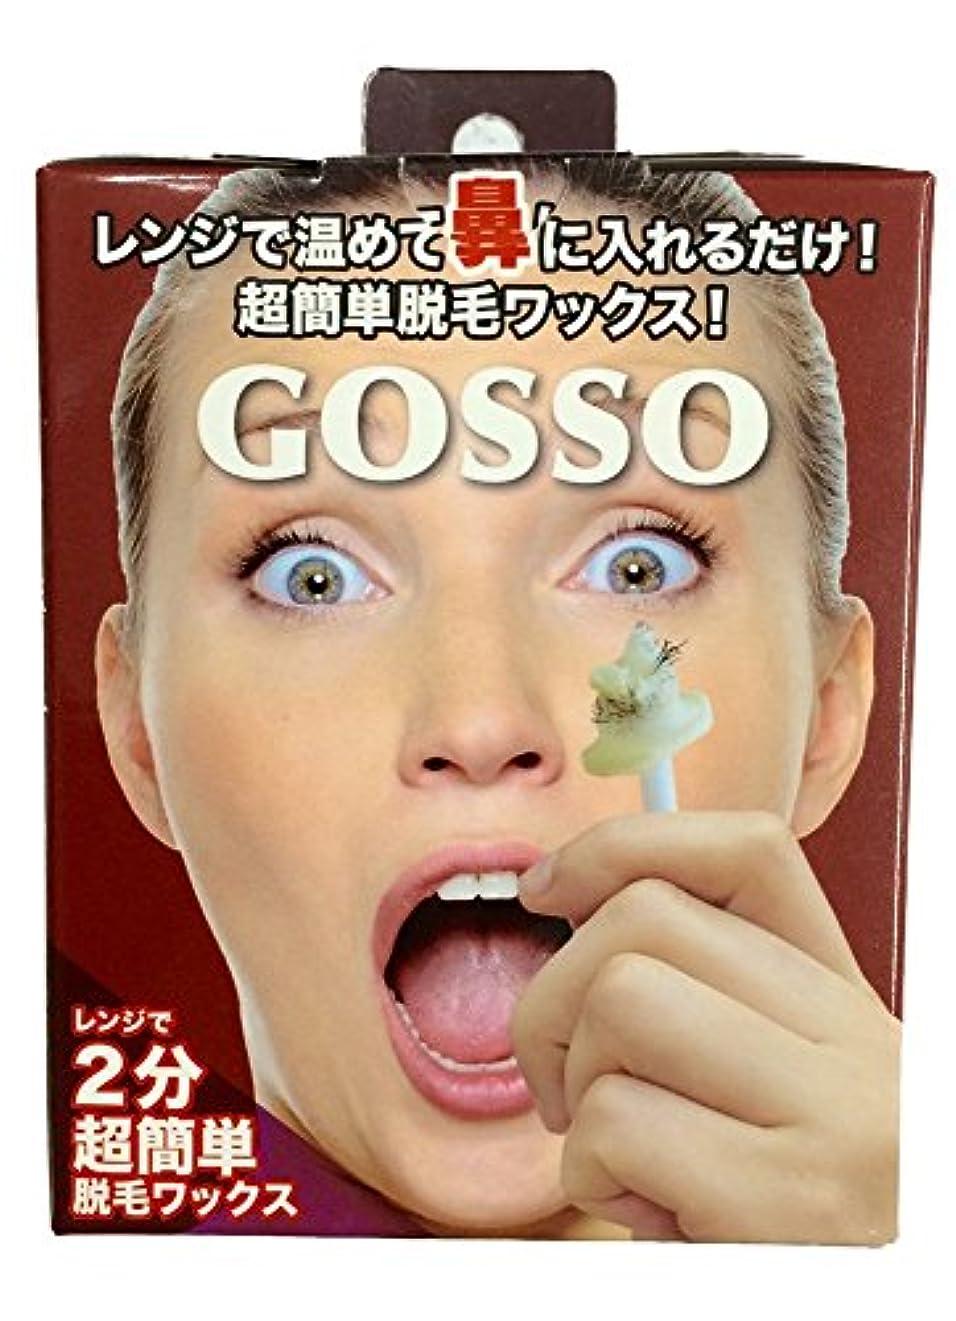 下に向けます階段政治家のGOSSO ゴッソ ブラジリアンワックス鼻毛脱毛セット(1個)